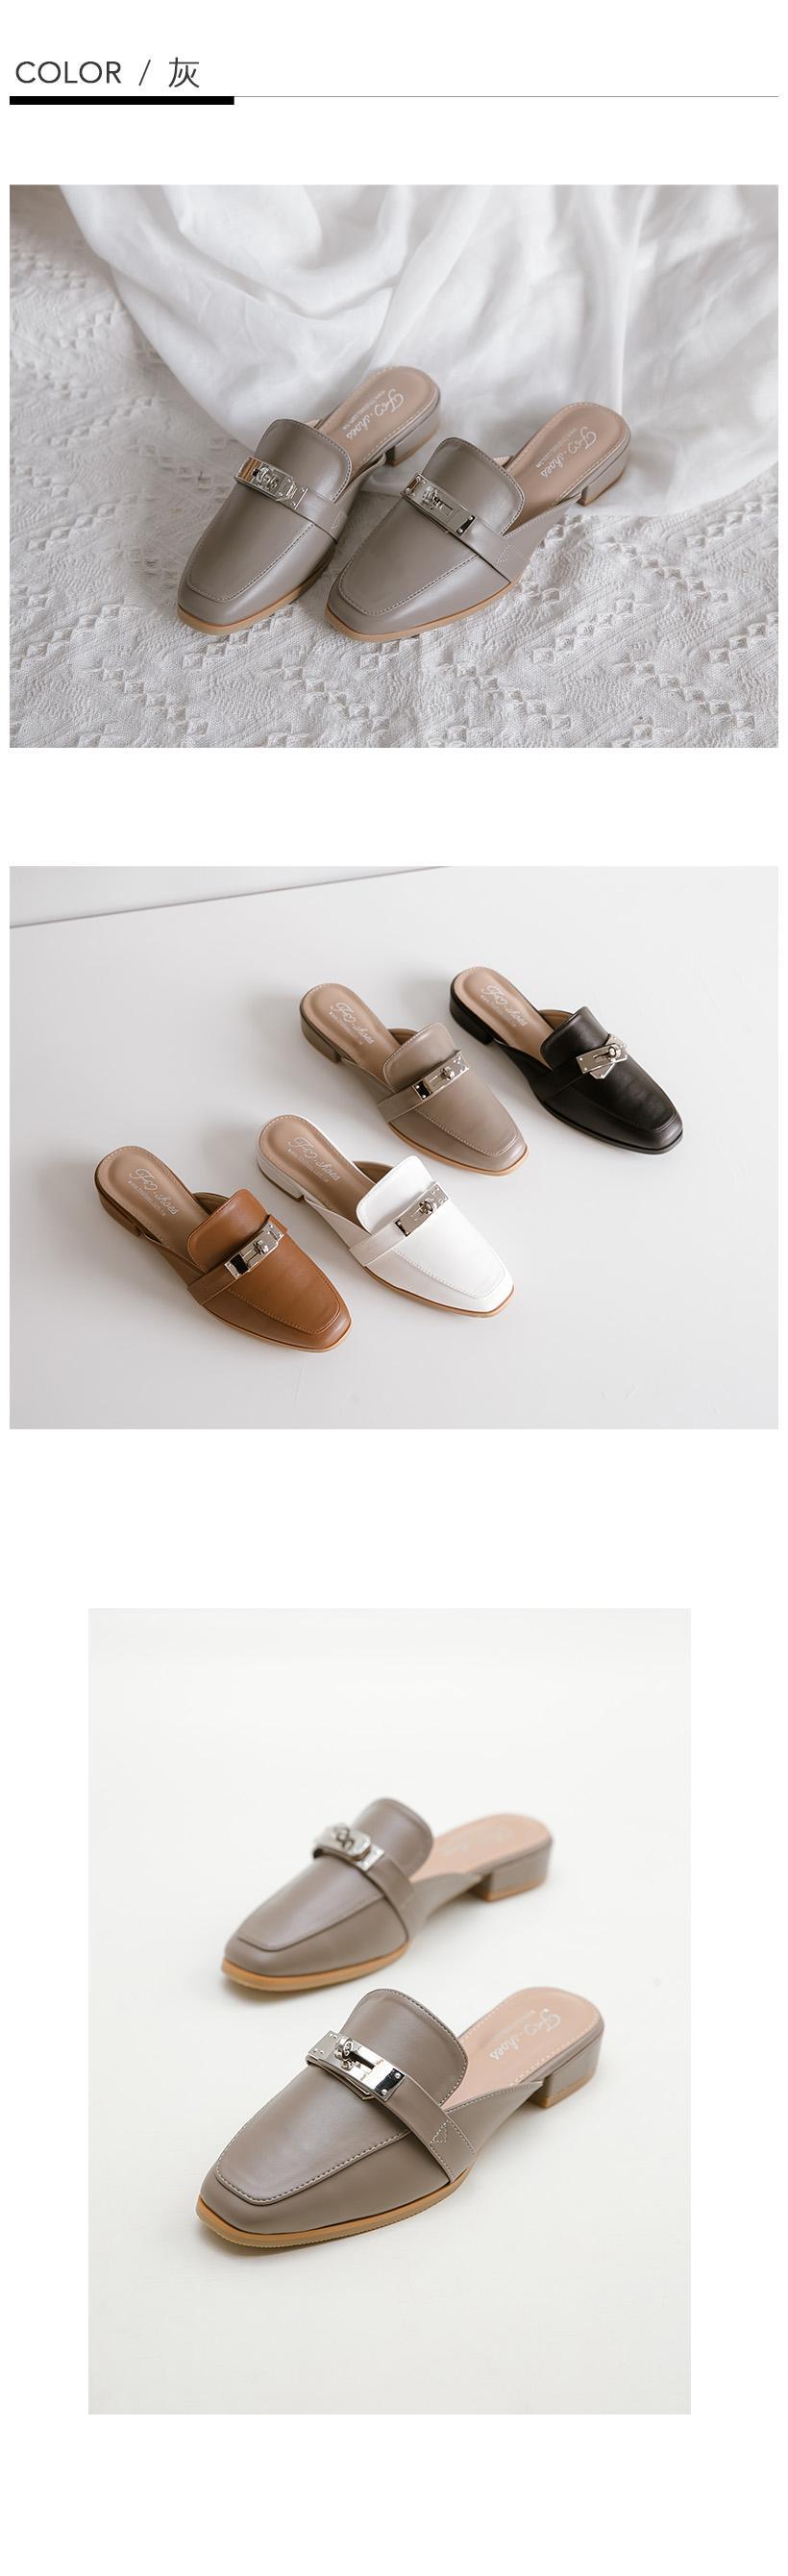 韓-金屬鎖扣穆勒拖鞋(白)-大尺碼